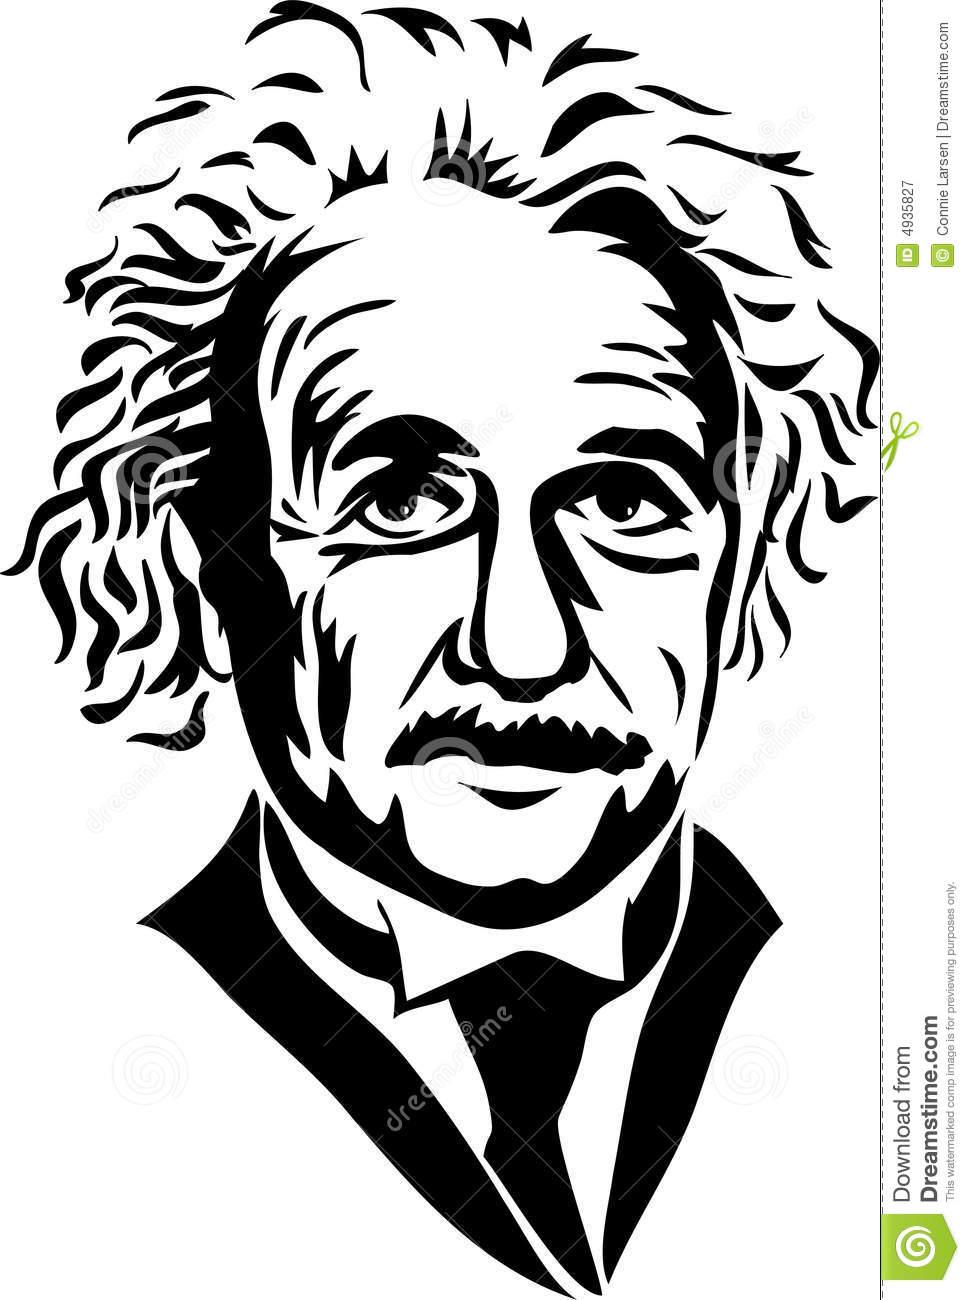 Einstein Clip Art Black and White.